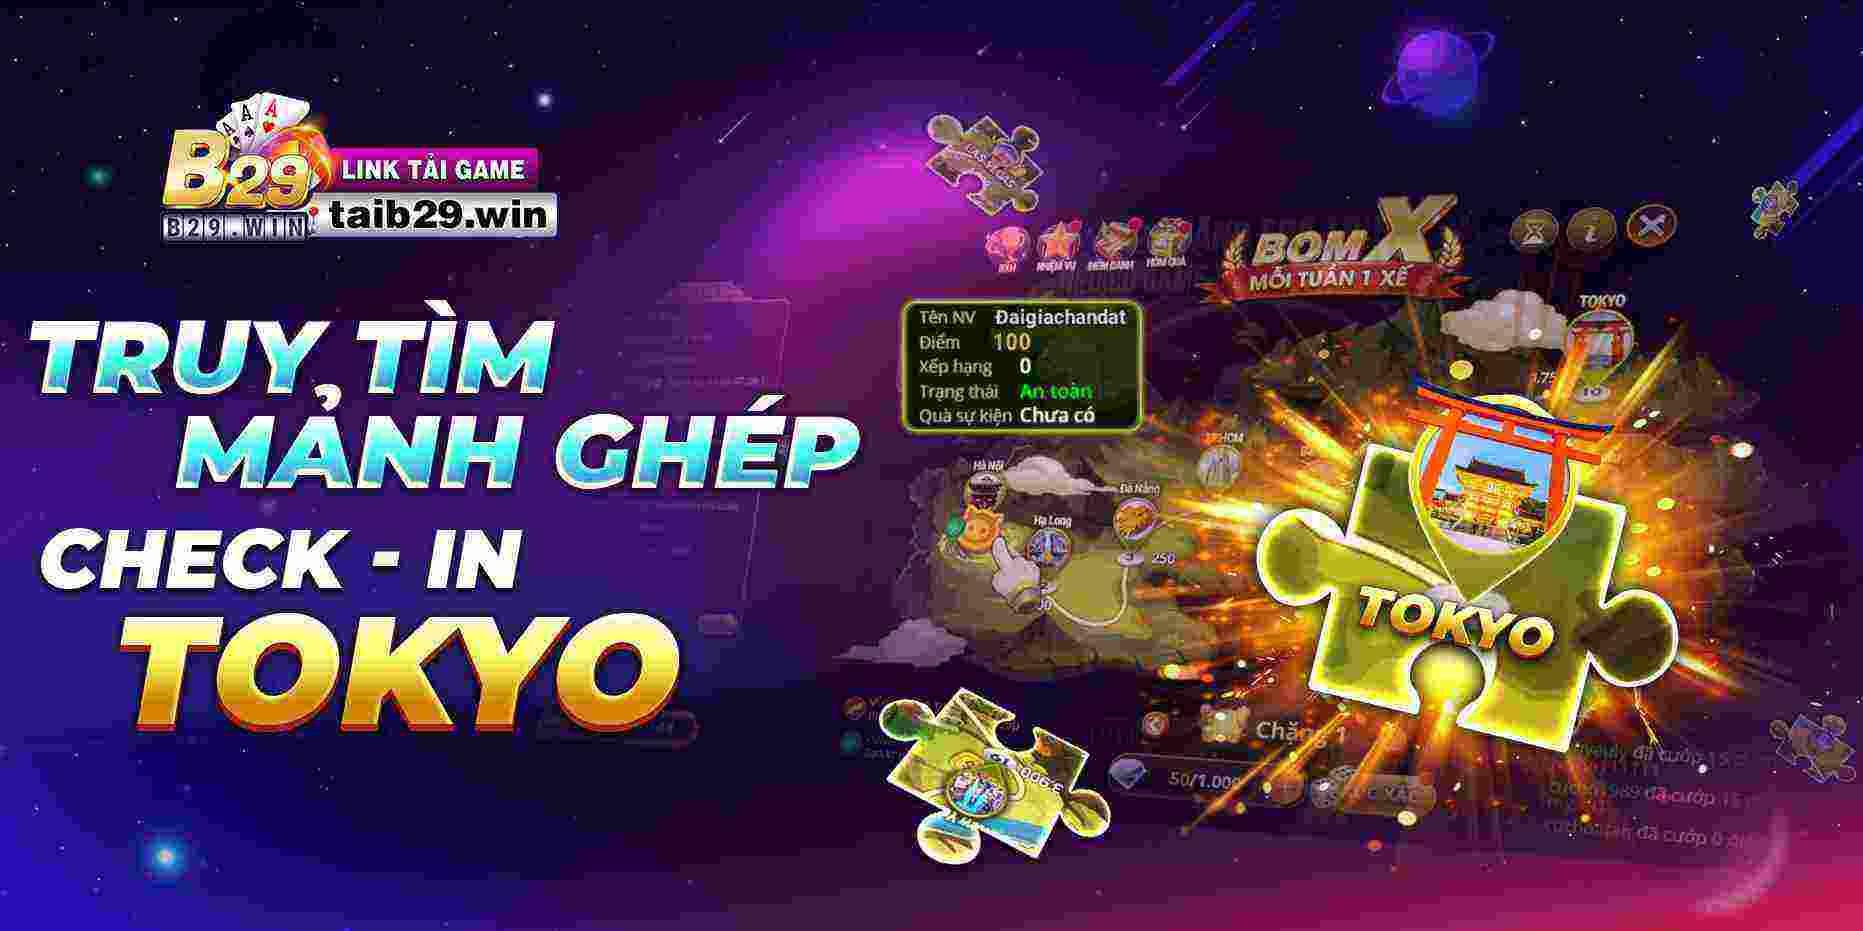 Giftcode game bài B29 Club 16/8/2020: Truy tìm mảnh ghép – Checkin Tokyo